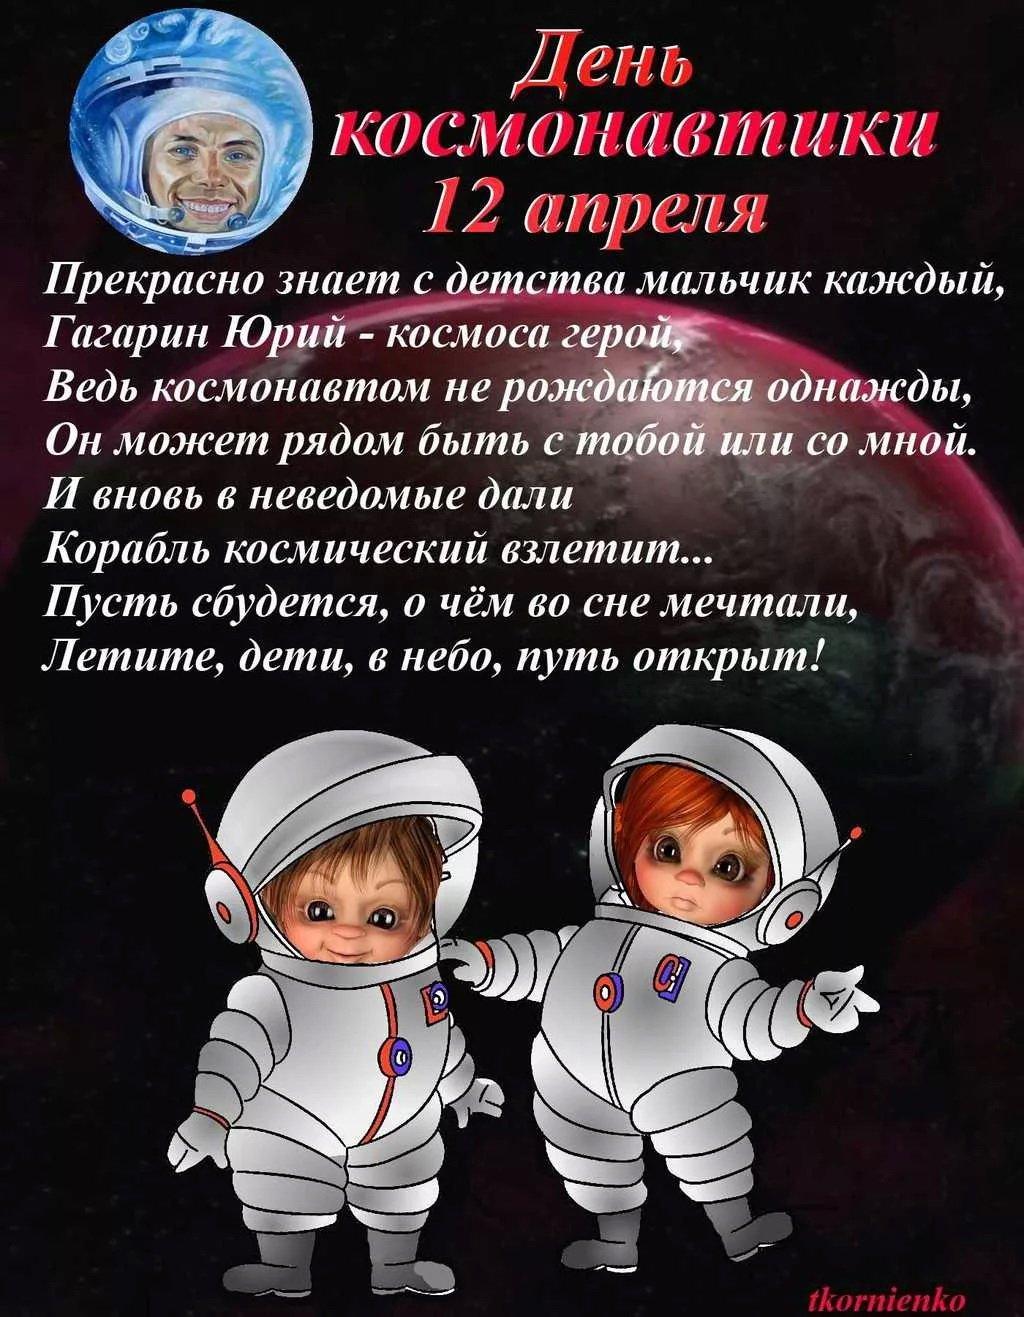 Надписью чем, поздравления в космосе картинки